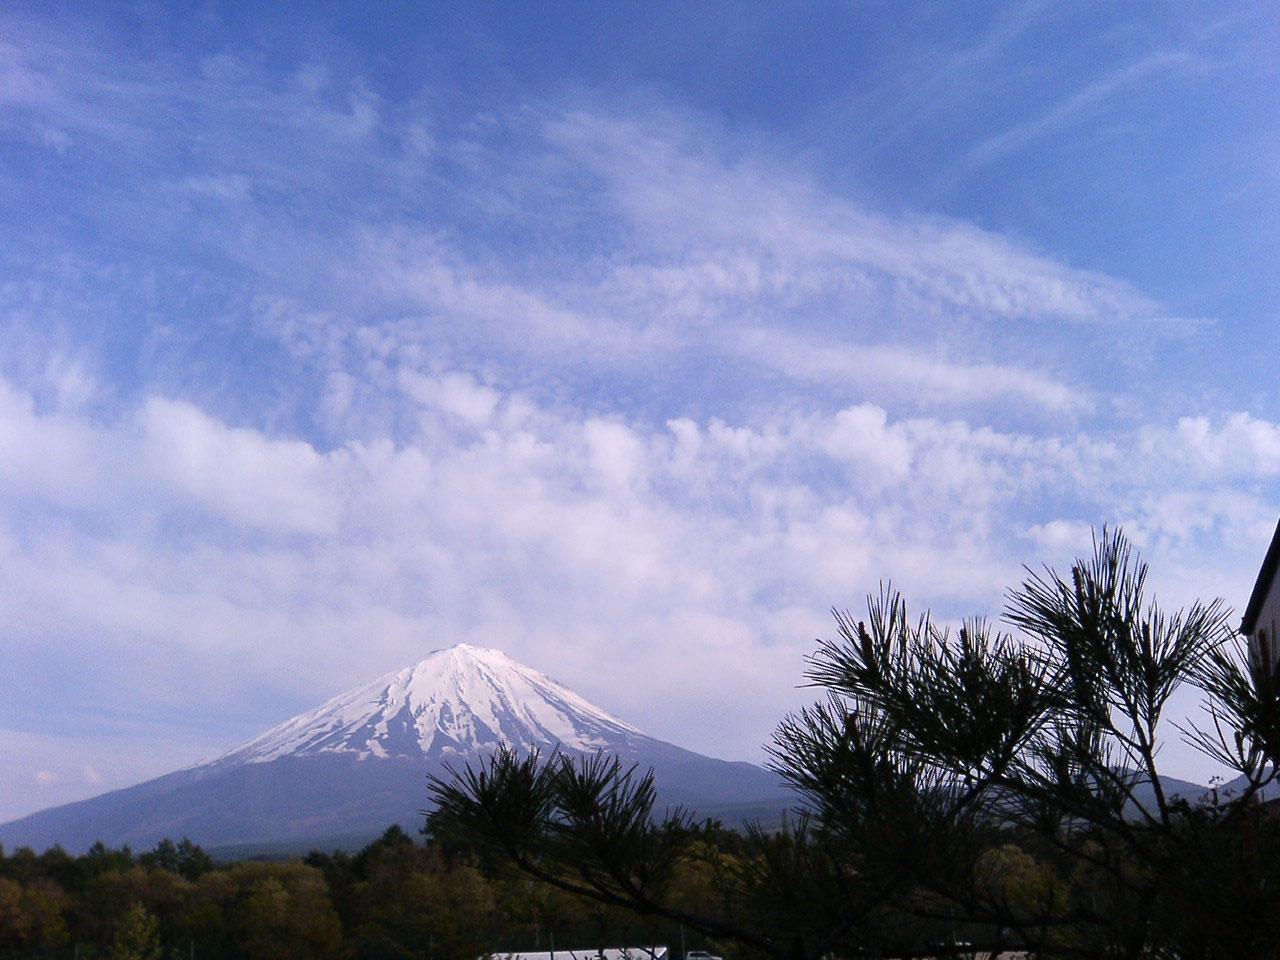 祝!世界遺産!! 富士山一周モデルコース | clicccar.com(クリッカー)